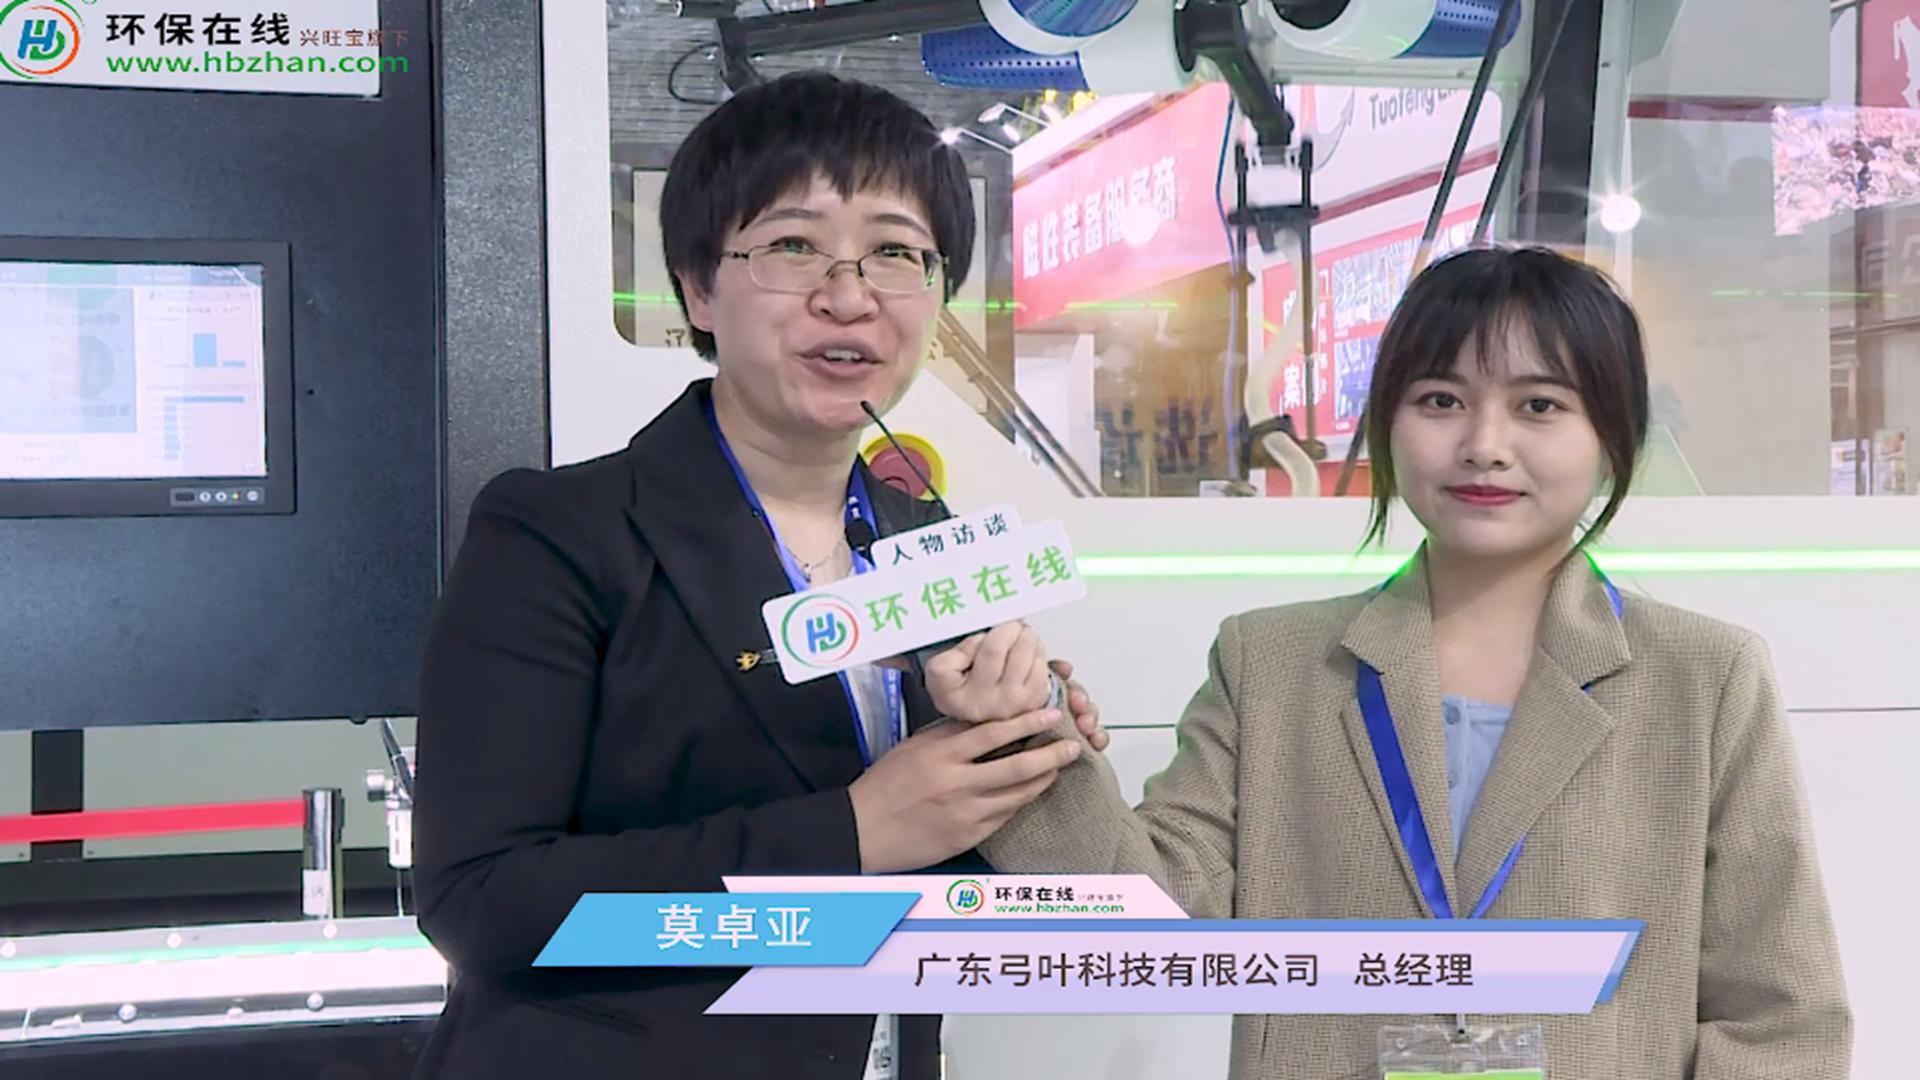 專訪:廣東弓葉科技有限公司總經理莫卓亞